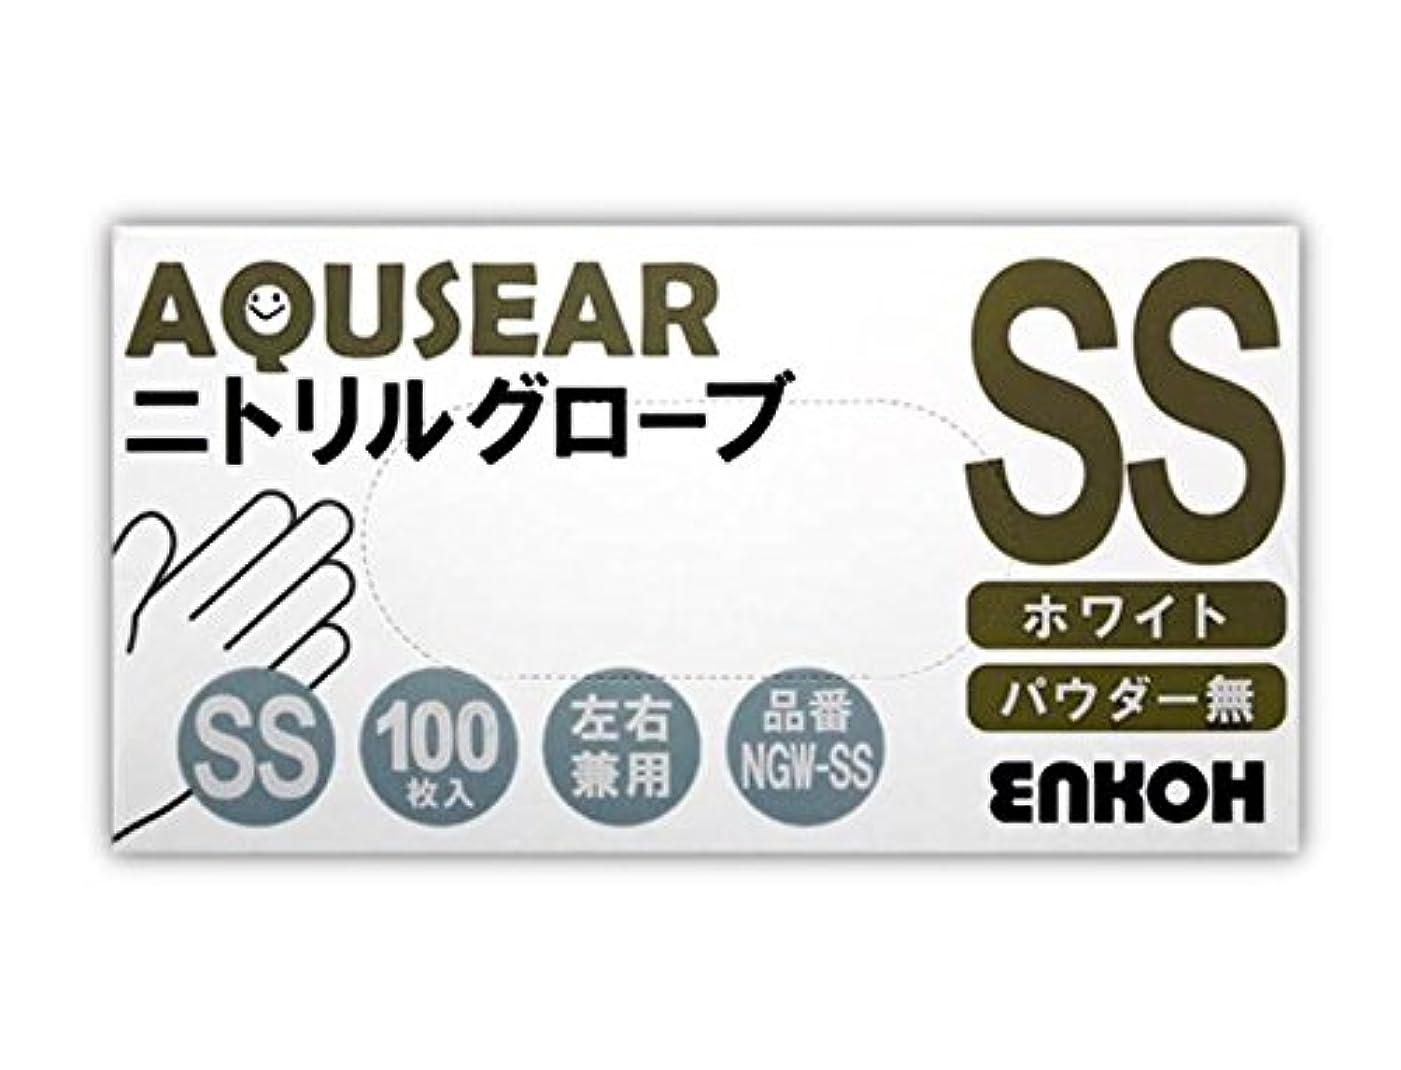 パッド水を飲む机AQUSEAR ニトリルグローブ パウダー無 SS ホワイト NGW-SS 1ケース2,000枚(100枚箱入×20箱)